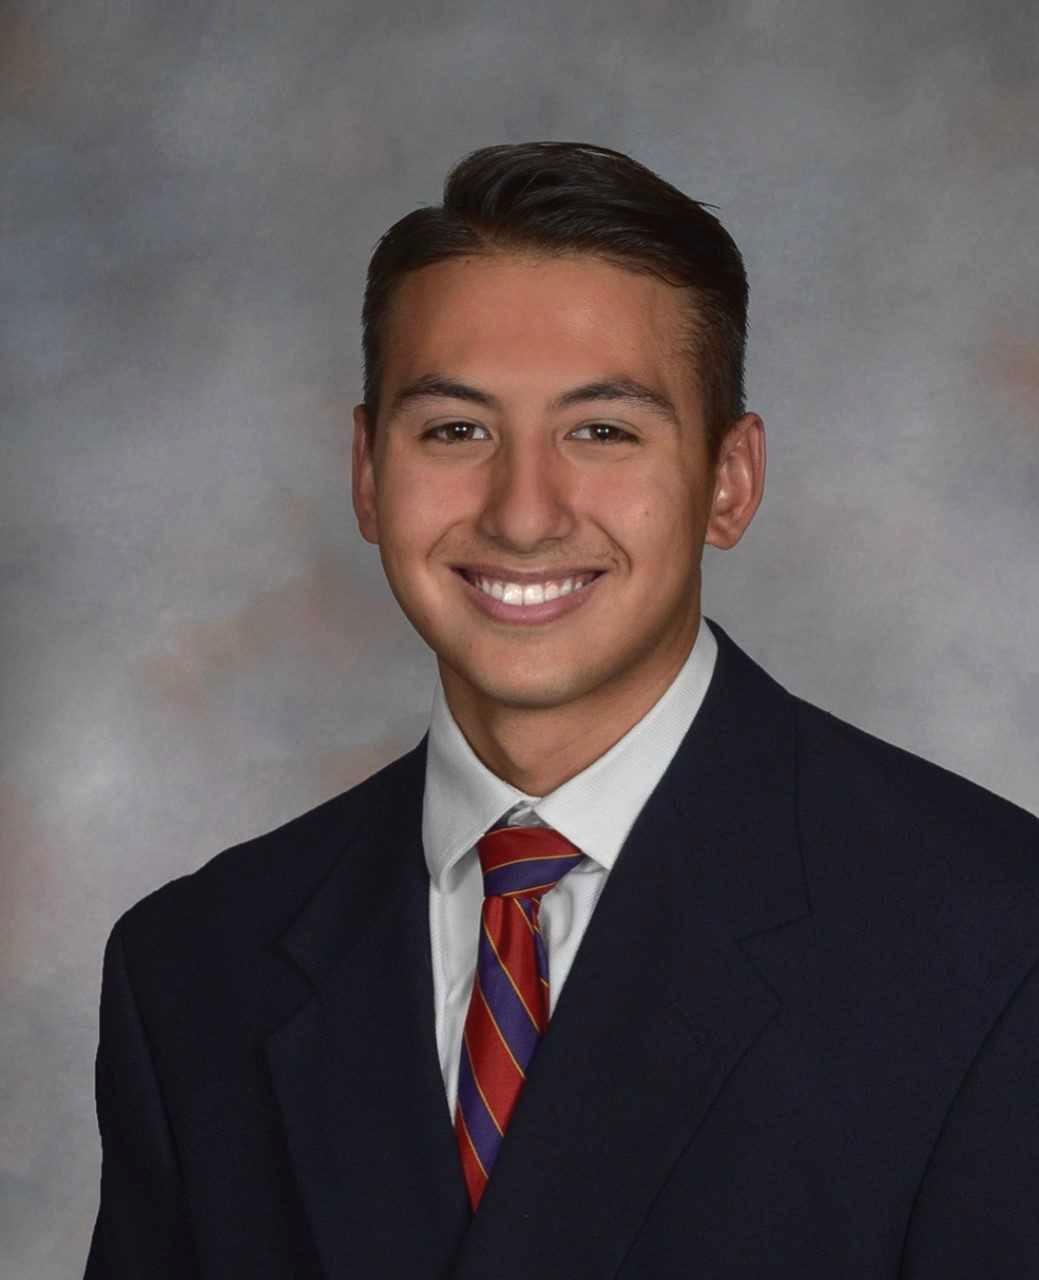 Alex Pan | Balanced Man Scholarship